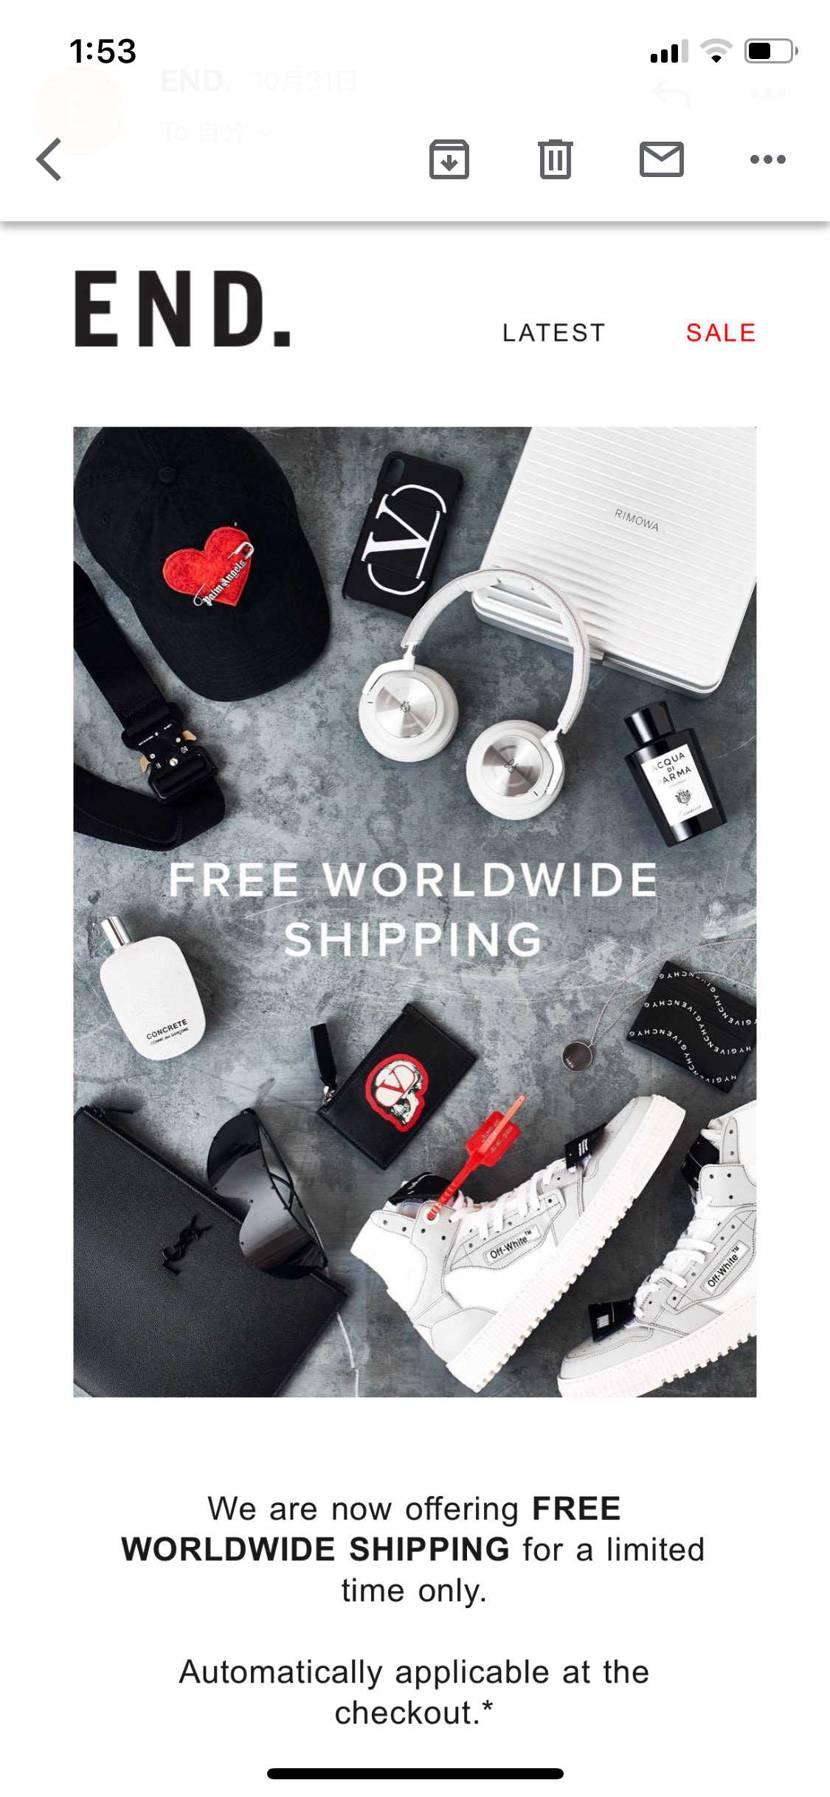 ENDが7000円以上のオーダーは世界どこでも送料無料、期間限定でやってる模様で